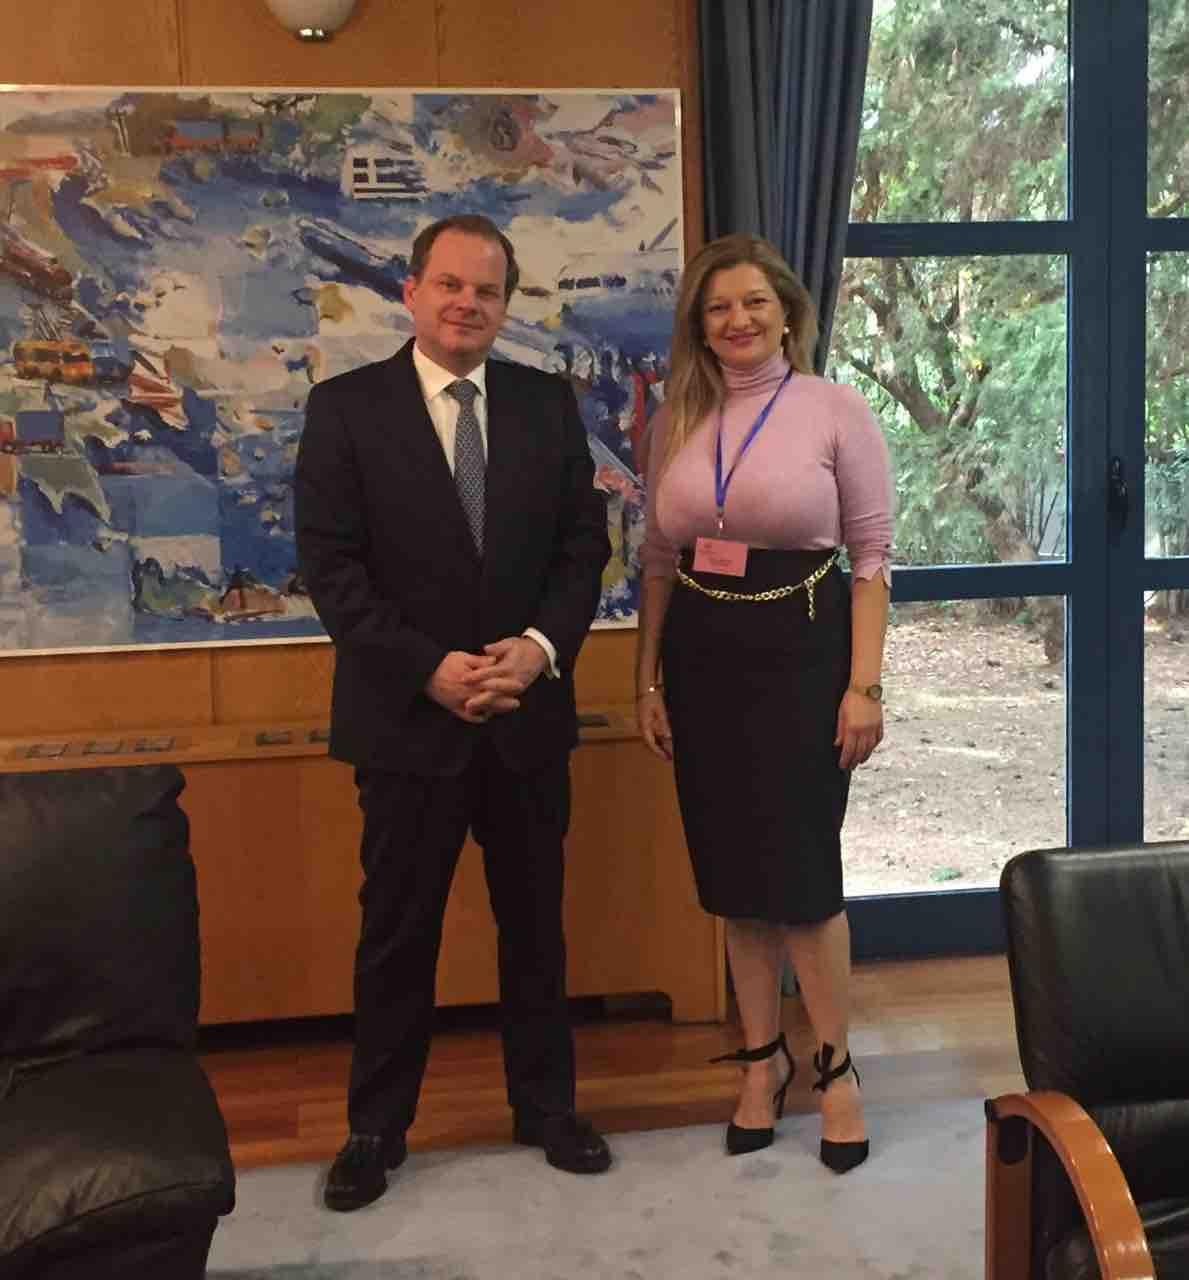 Συνάντηση ουσίας Αυγερινοπούλου με τον Υπουργό Υποδομών & Μεταφορών, κ. Καραμανλή, για Ολυμπία Οδό- Τι συζητήθηκε